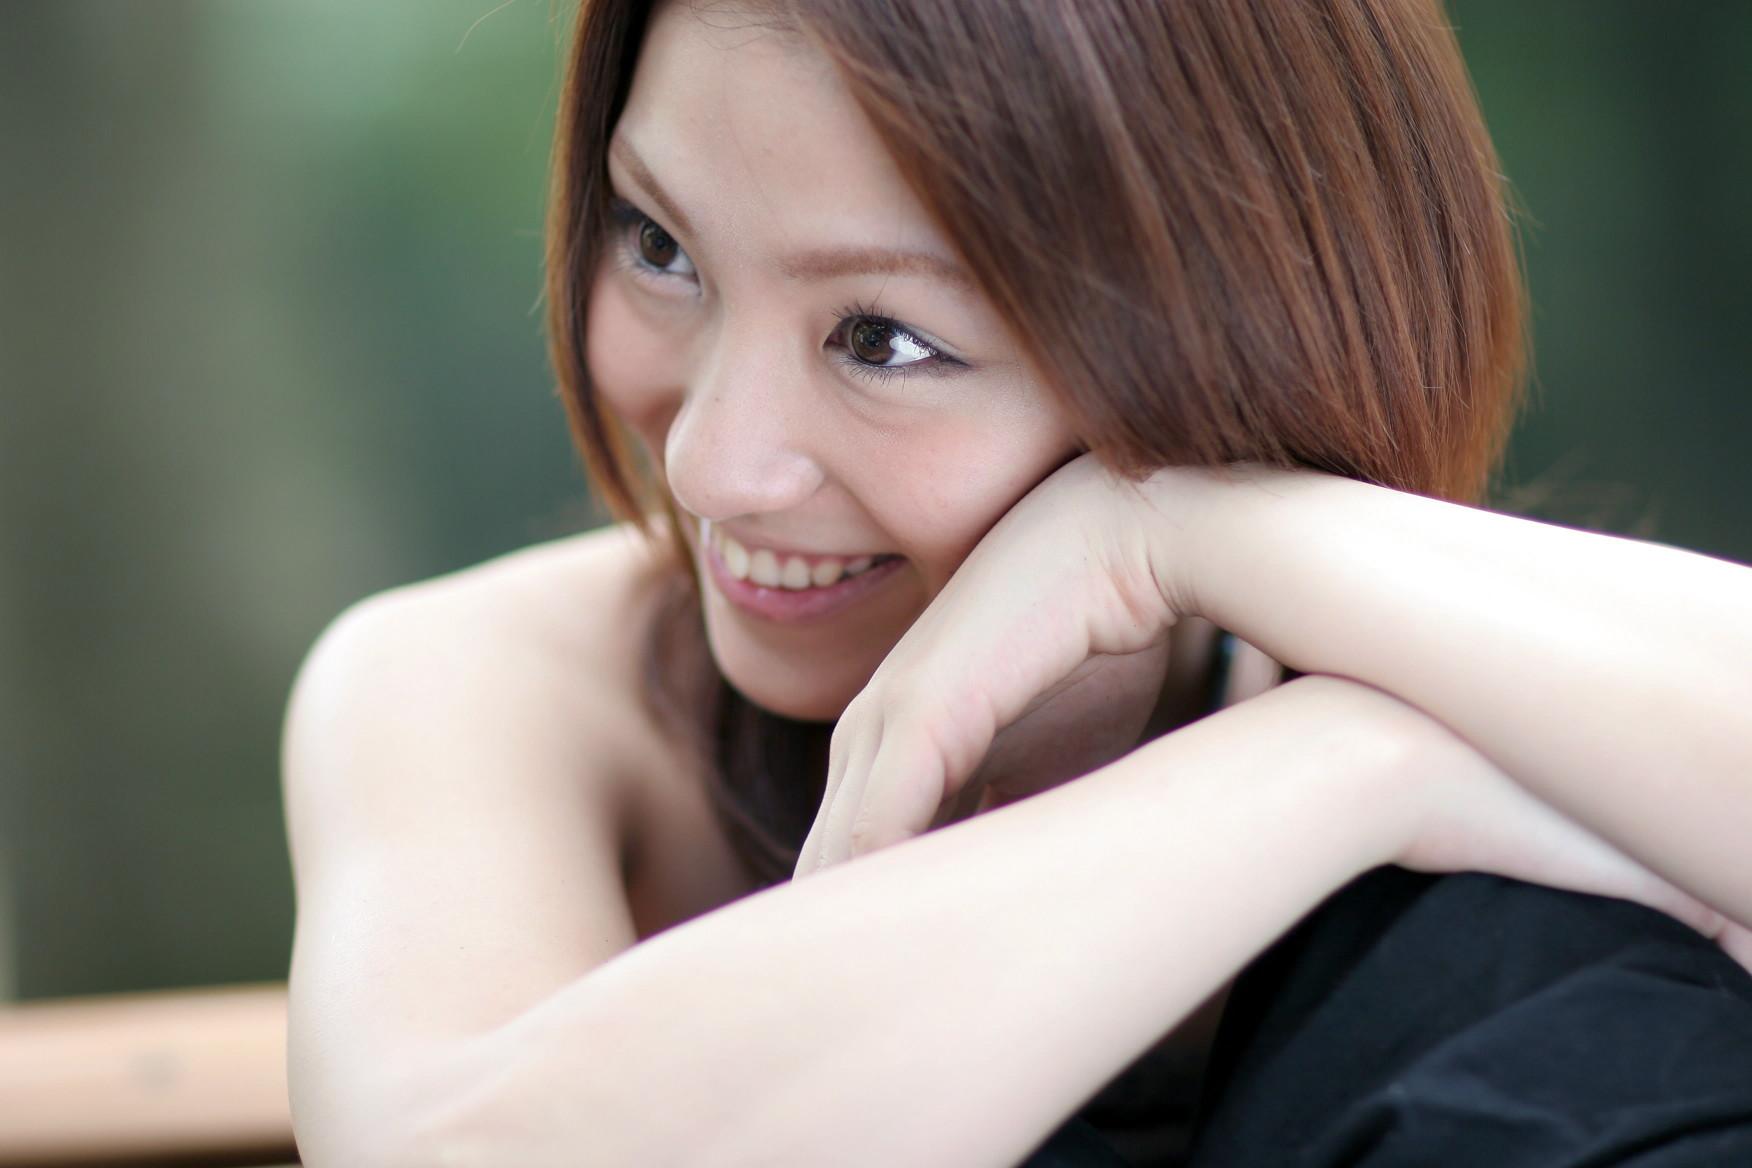 福愛美の画像 p1_12